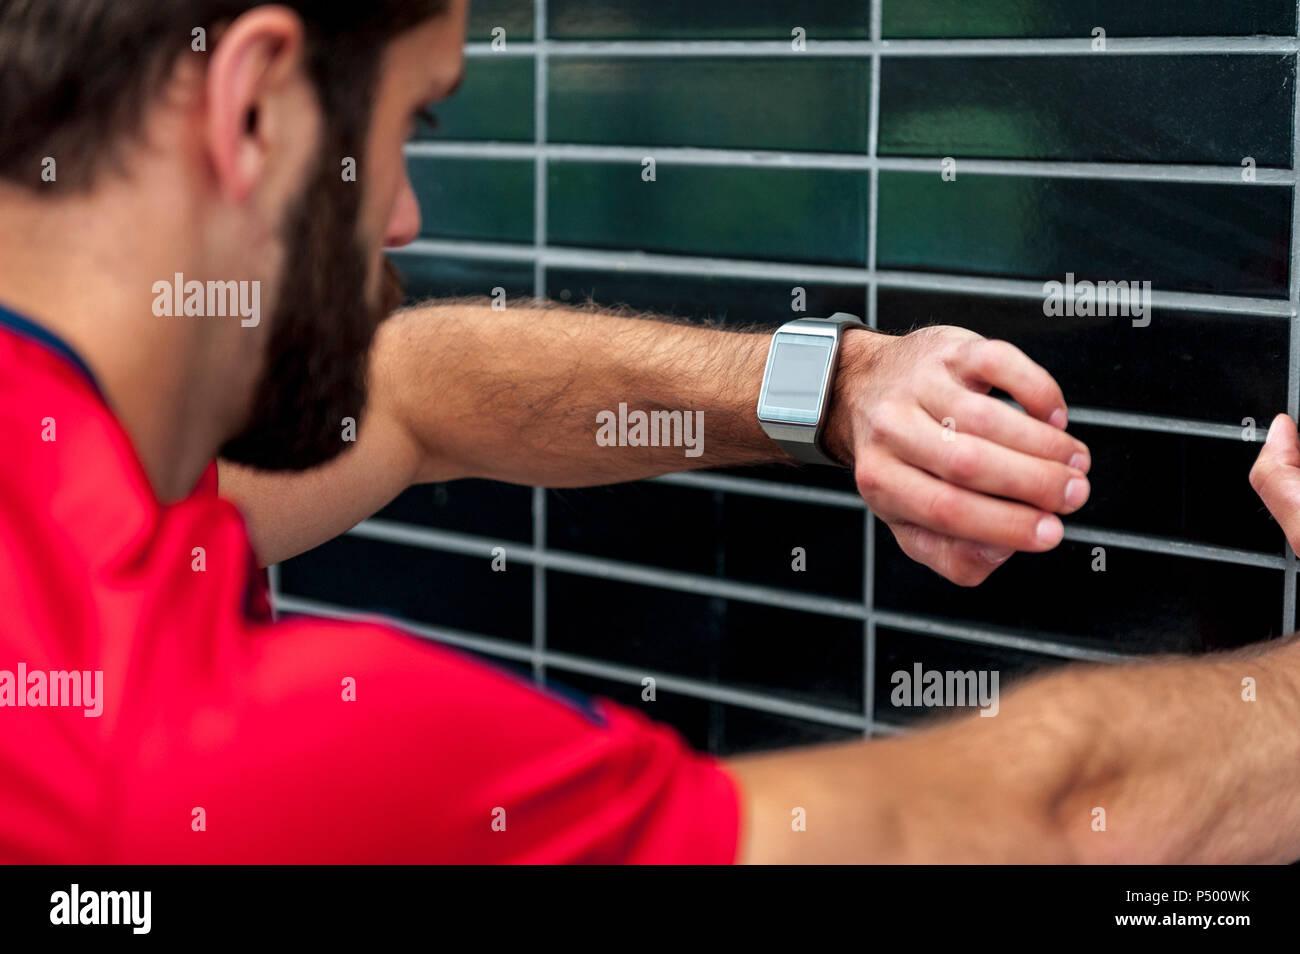 L'homme d'avoir une pause de l'exécution du contrôle du temps sur une smartwatch Photo Stock